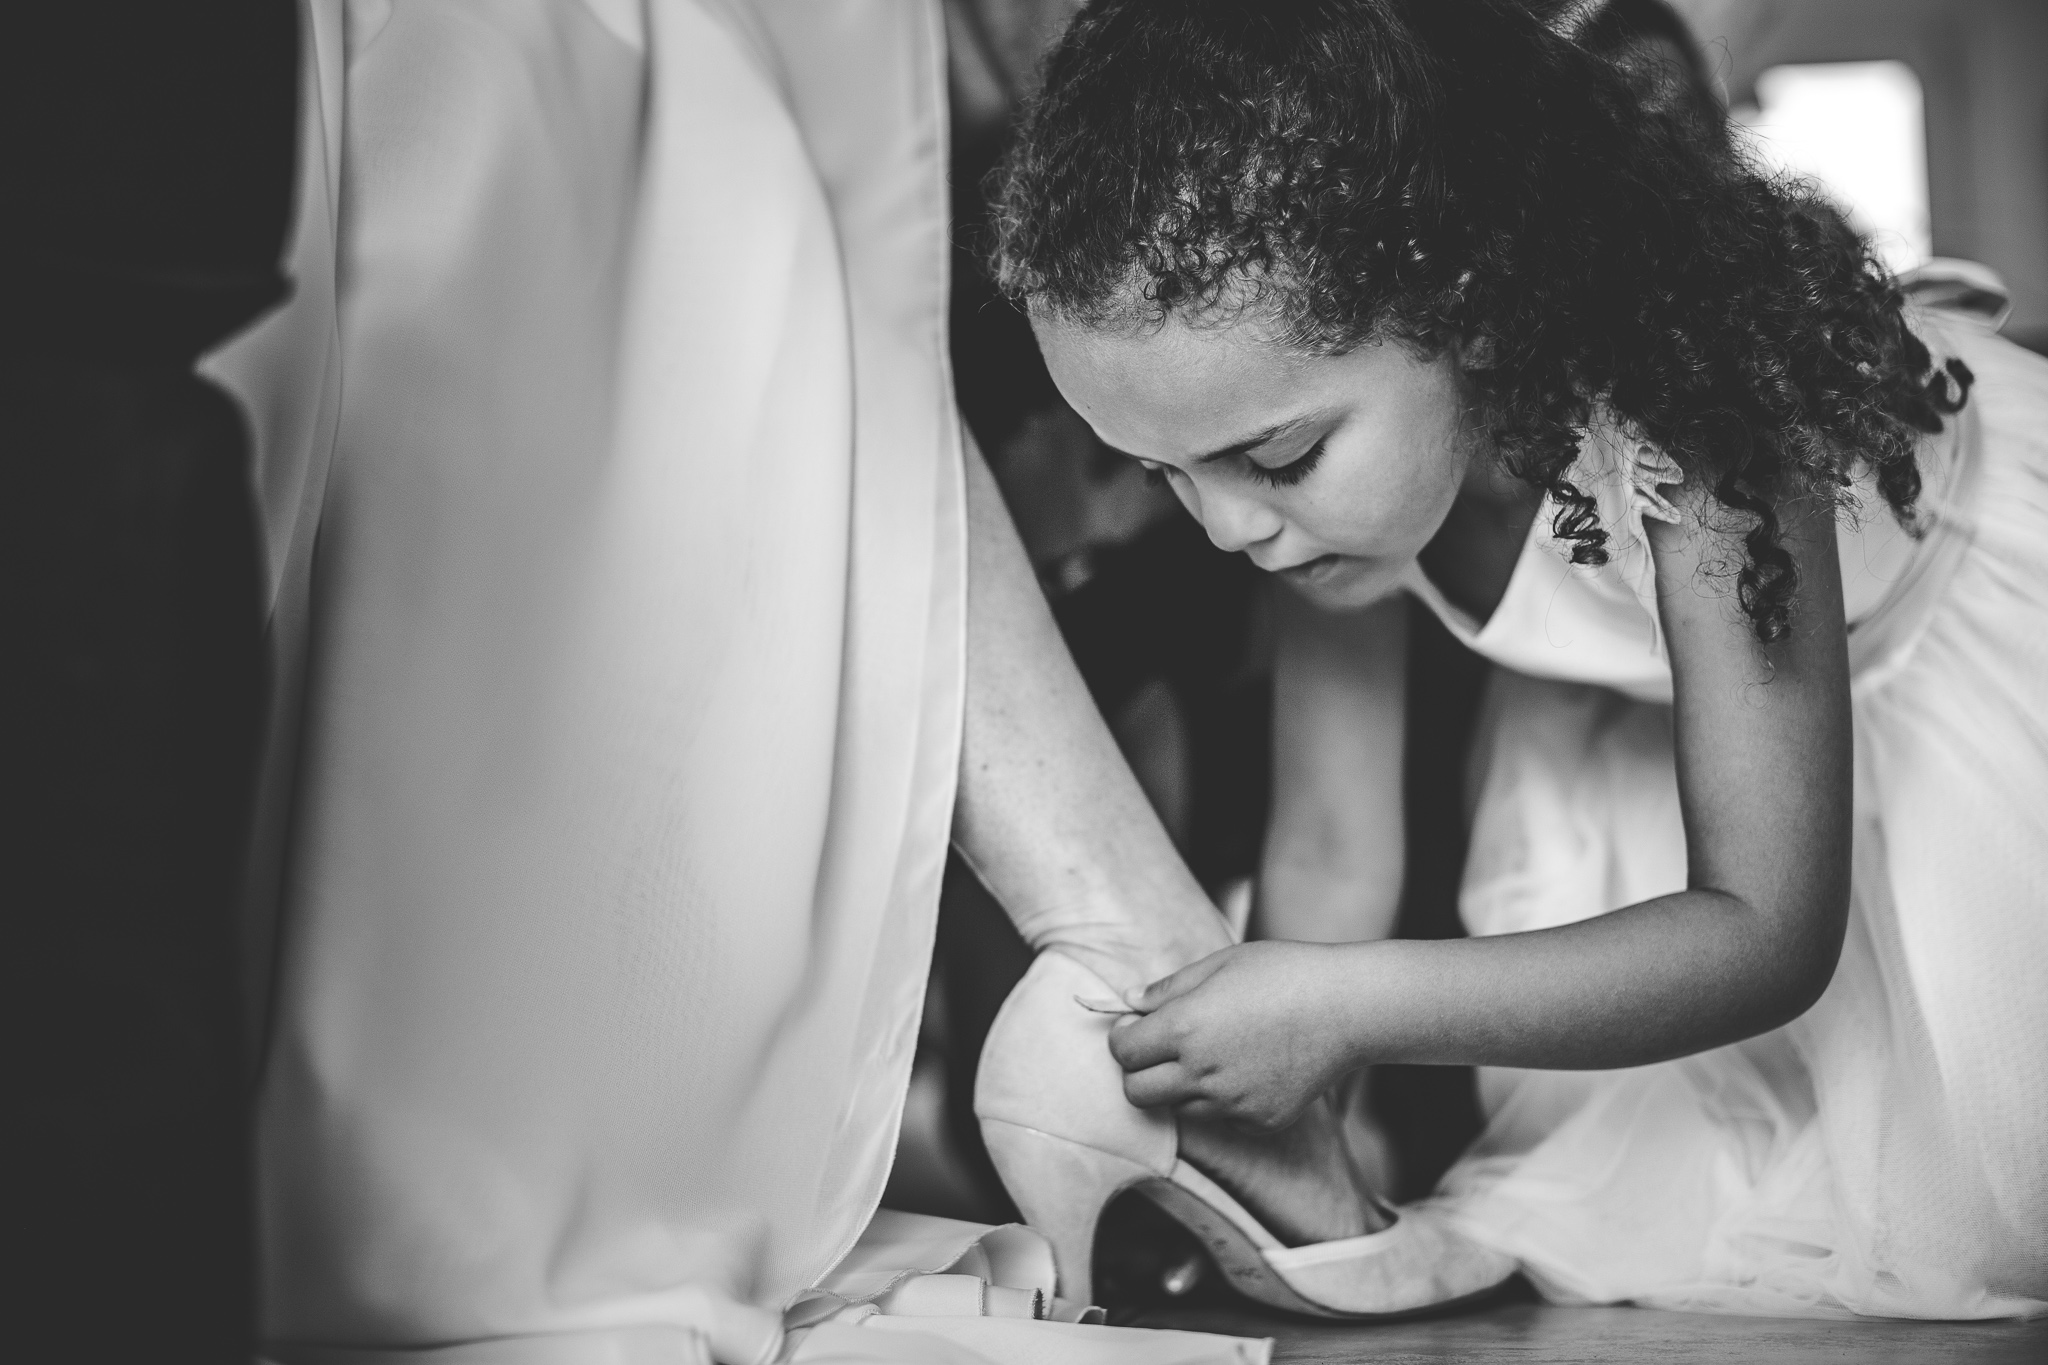 reportage mariage photo habillage preparatifs la mariee chaussures mere et fille toulouse